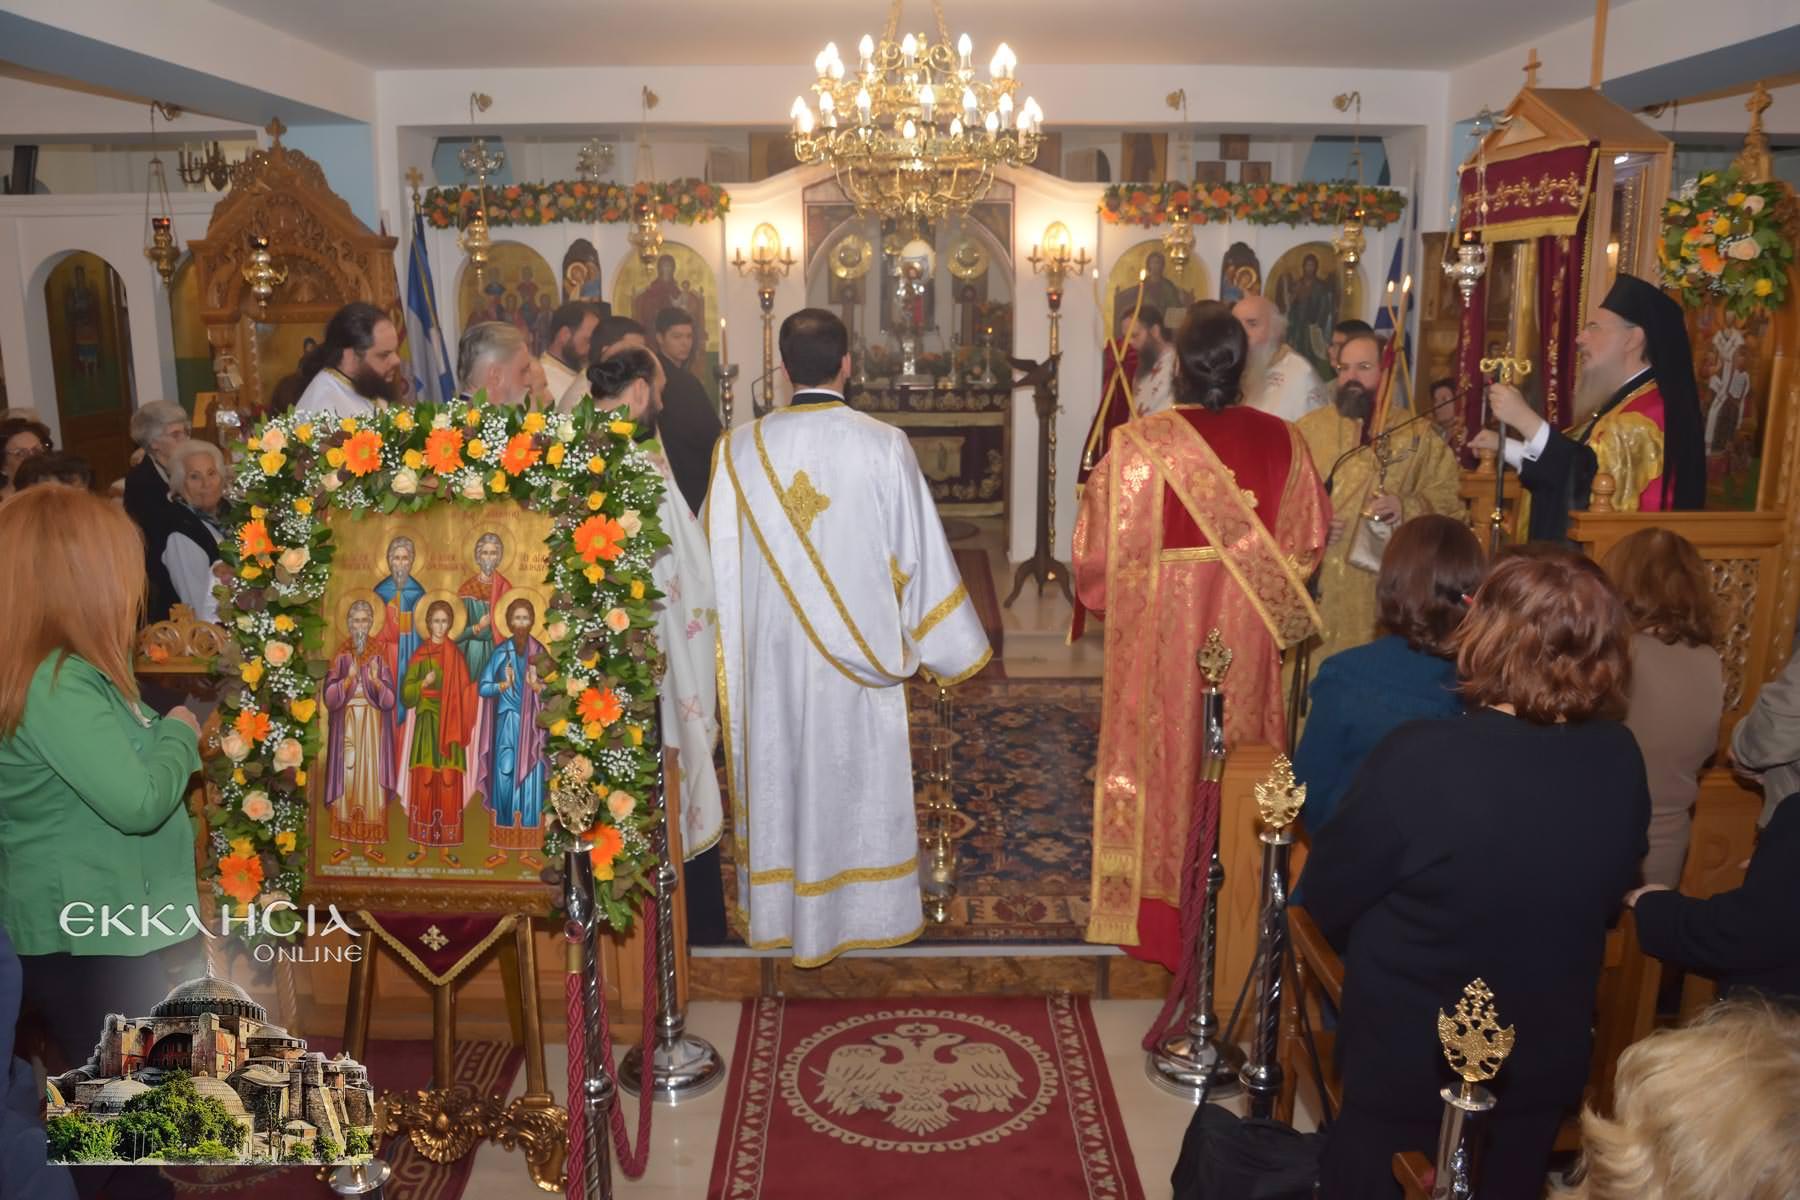 Άγιος Ακίνδυνος συν αυτώ Μάρτυρες Εσπερινός 2019 Άγιοι Ανάργυροι